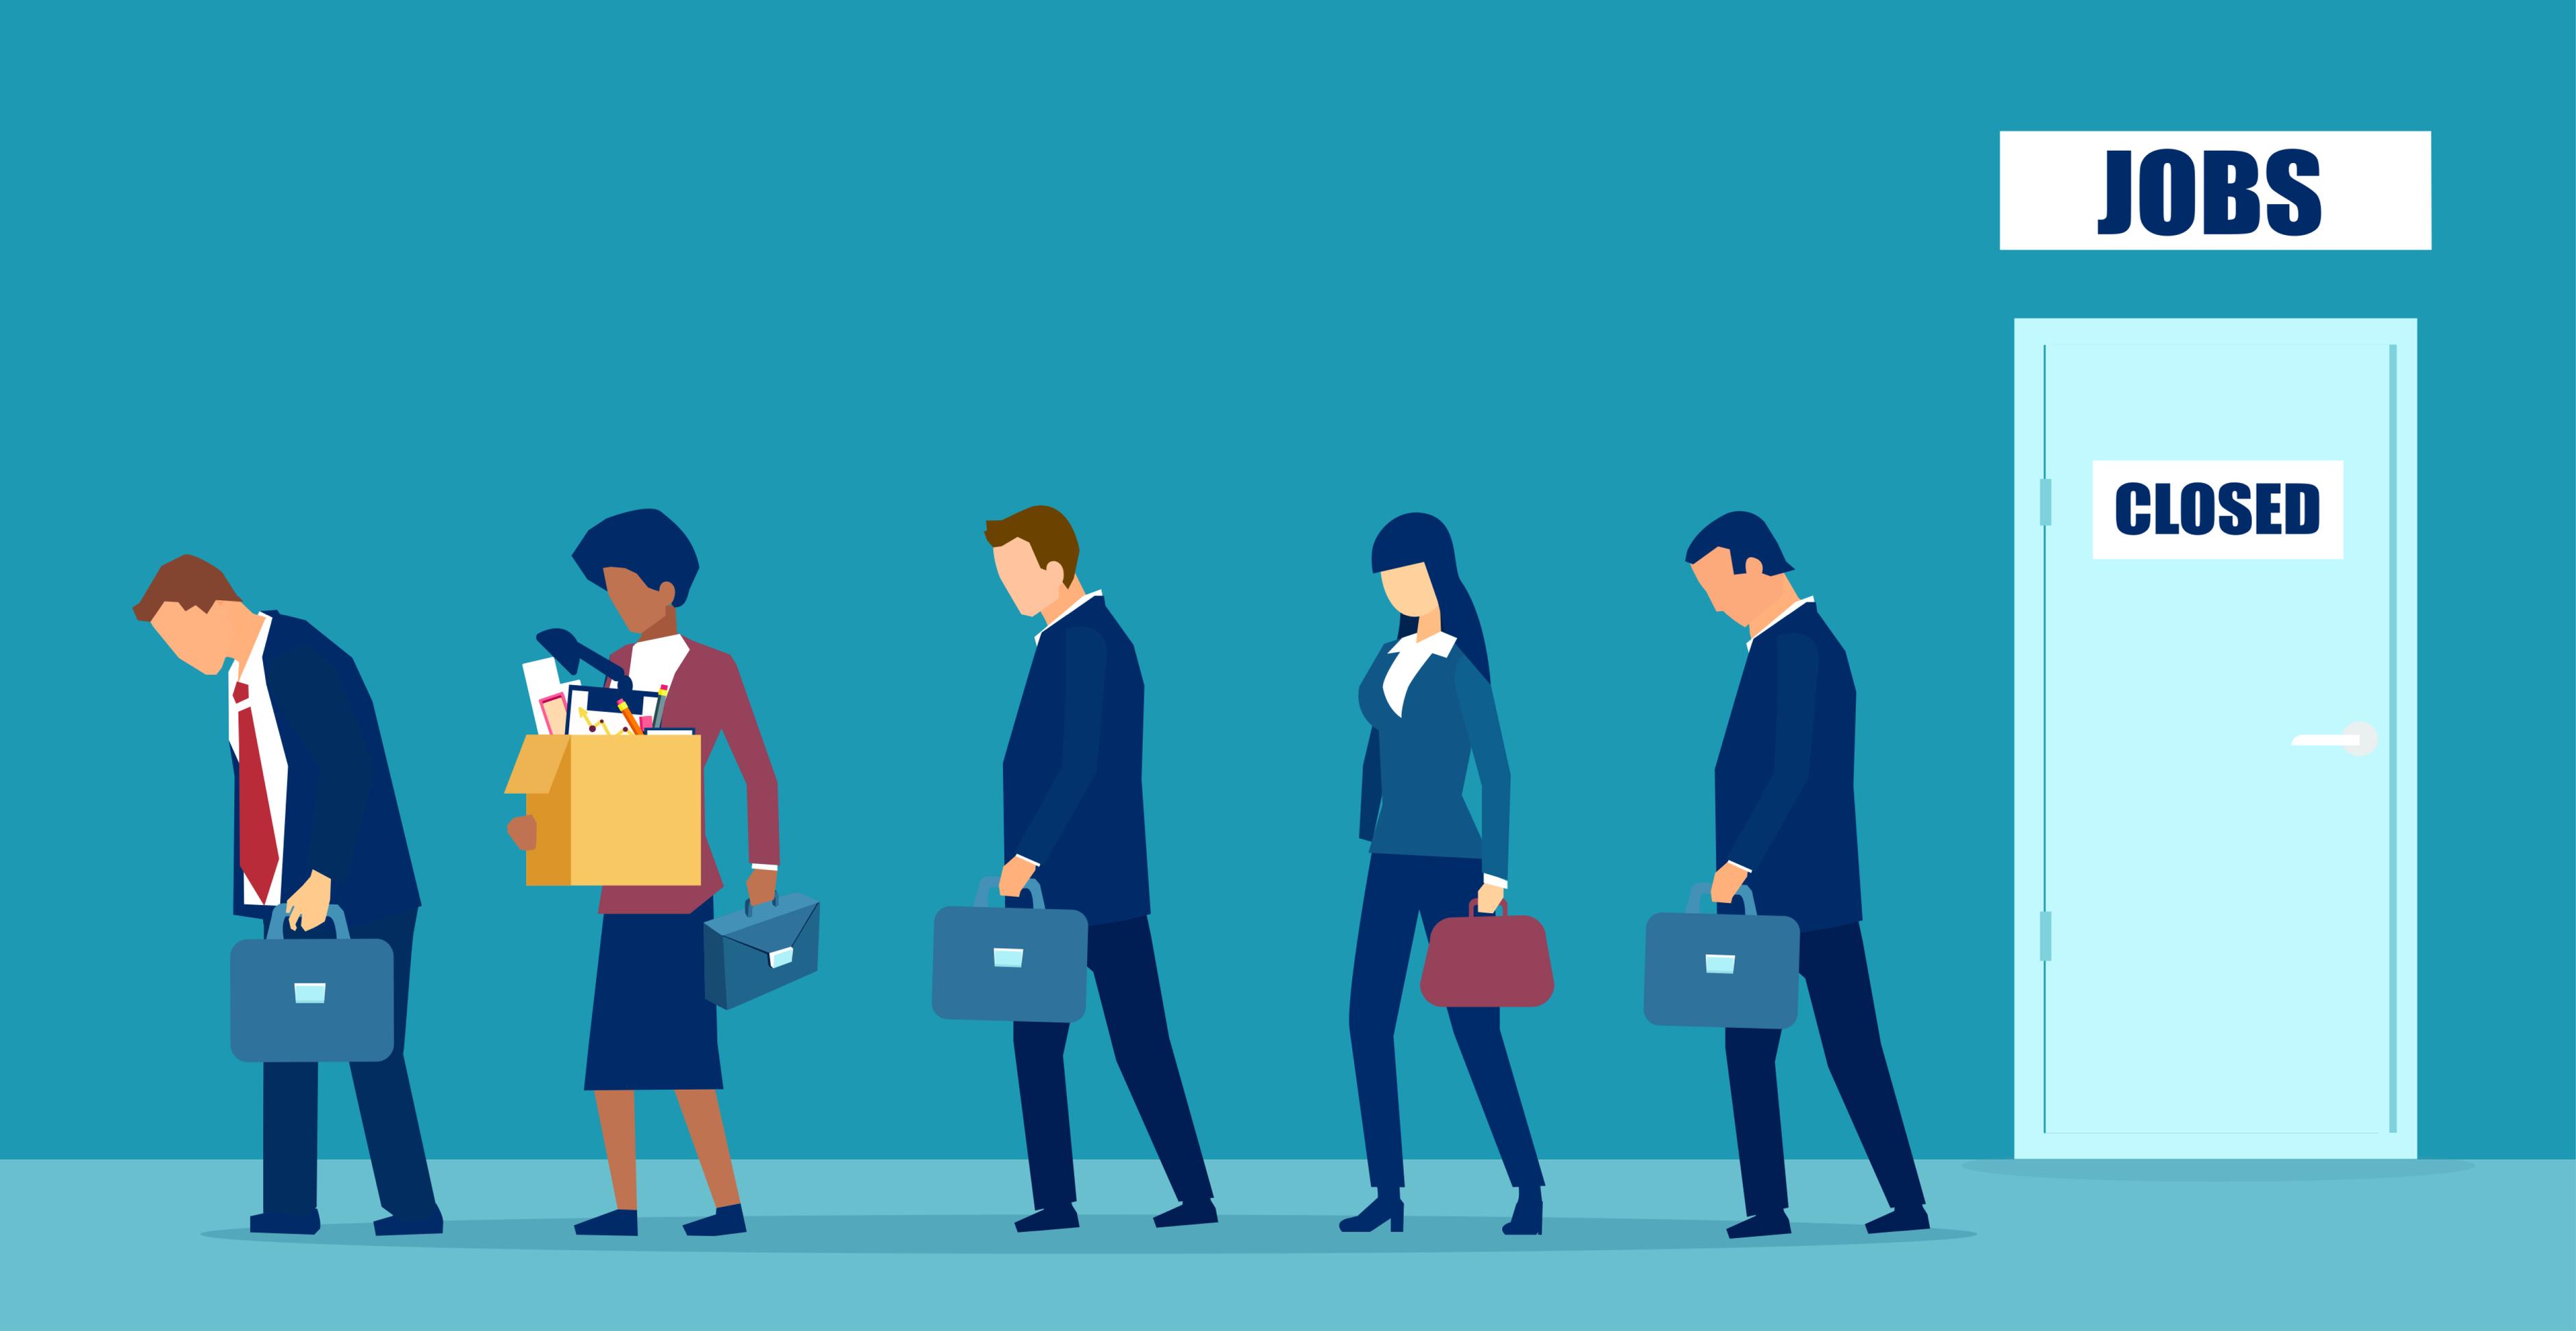 W krajach OECD pandemia zlikwidowała 22 mln miejsc pracy (Fot. Shutterstock)